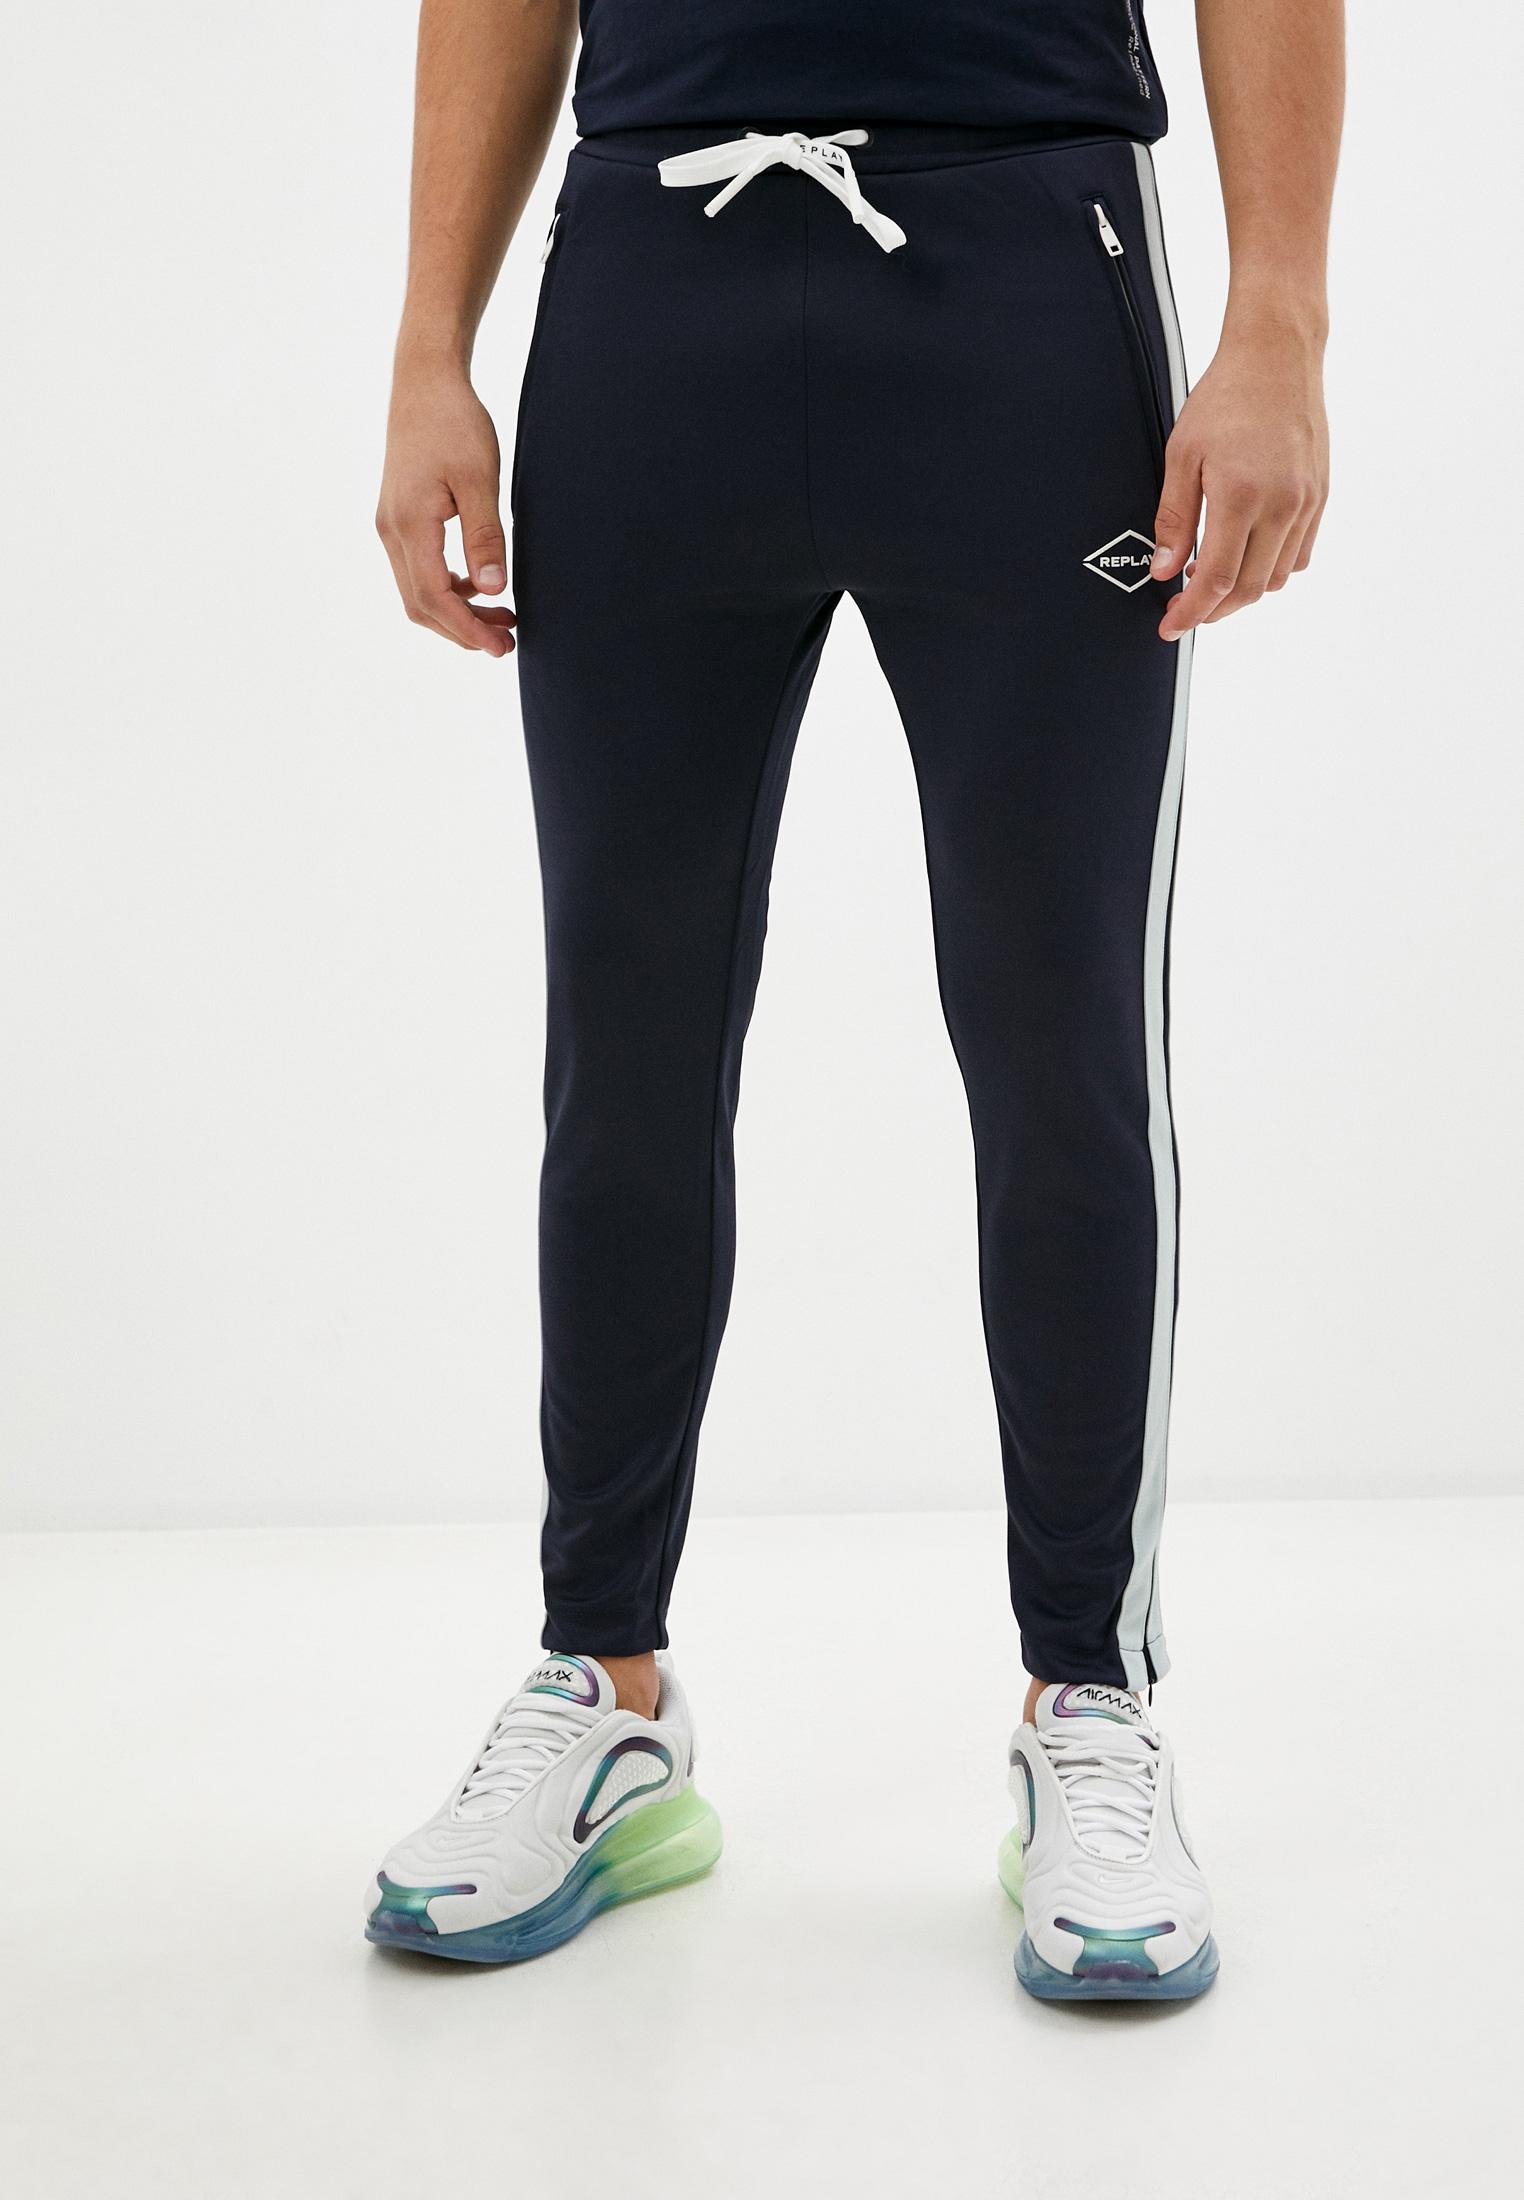 Мужские спортивные брюки Replay (Реплей) M9723.000.22610